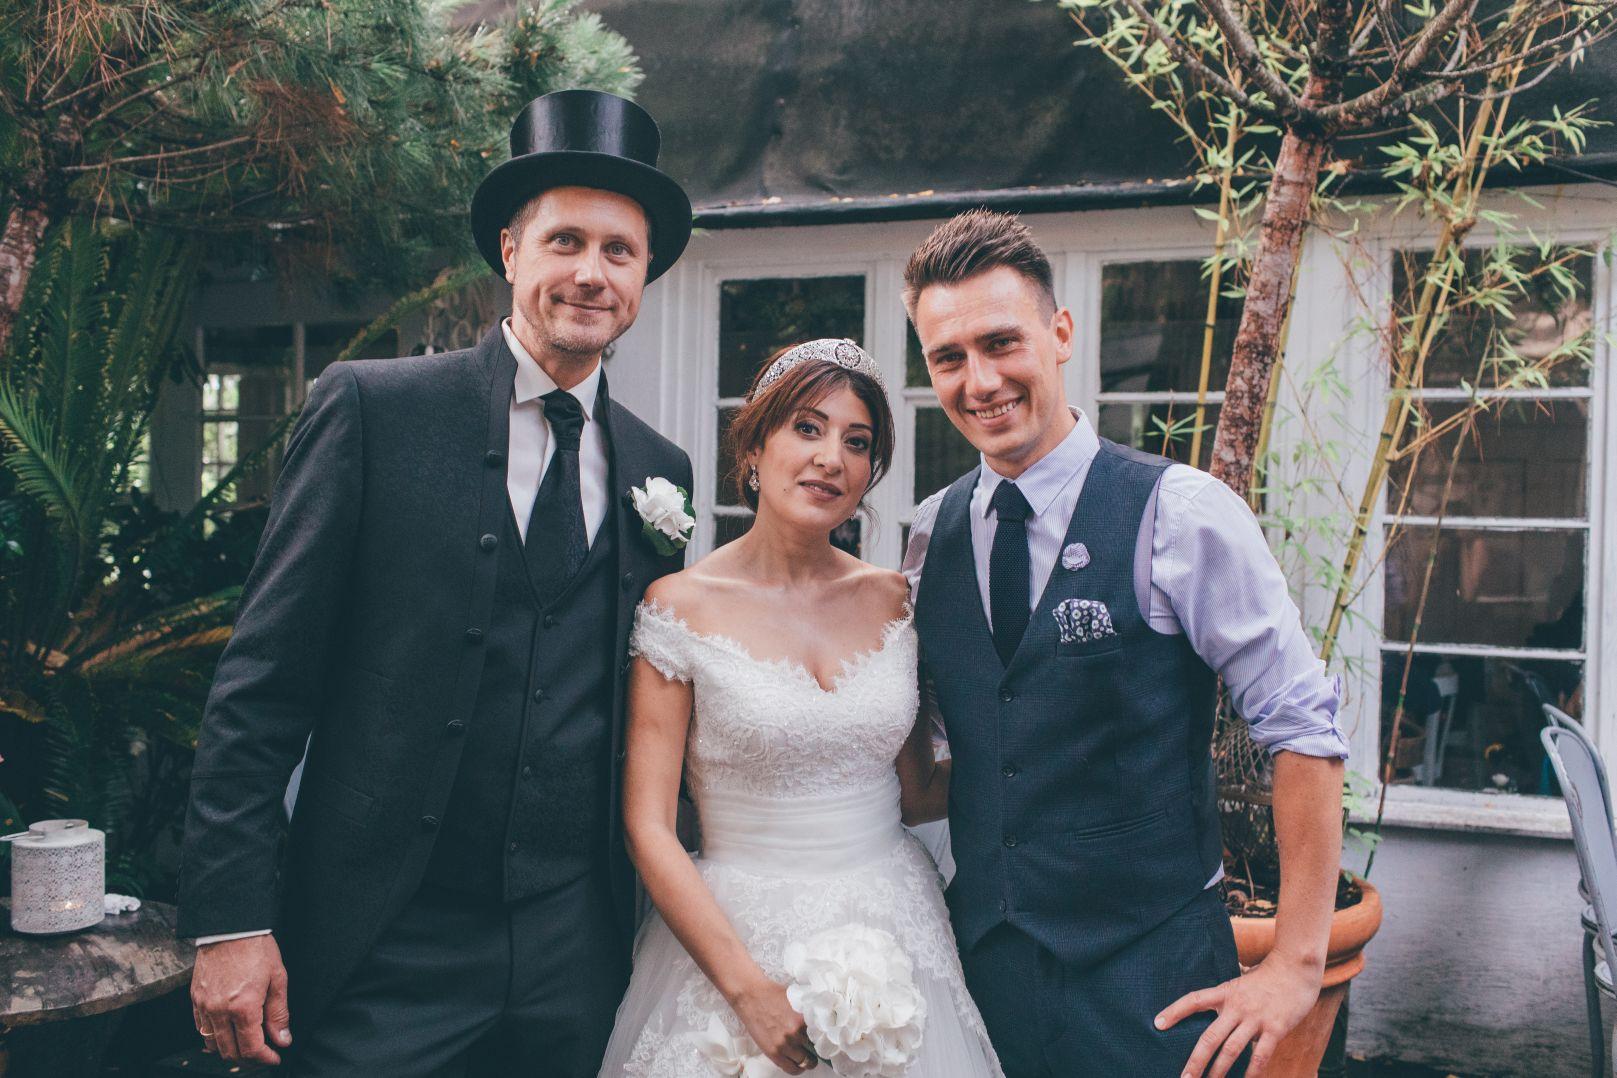 Hochzeit Trauredner Norman Thalwitzer / Shadi Martin web2.jpg